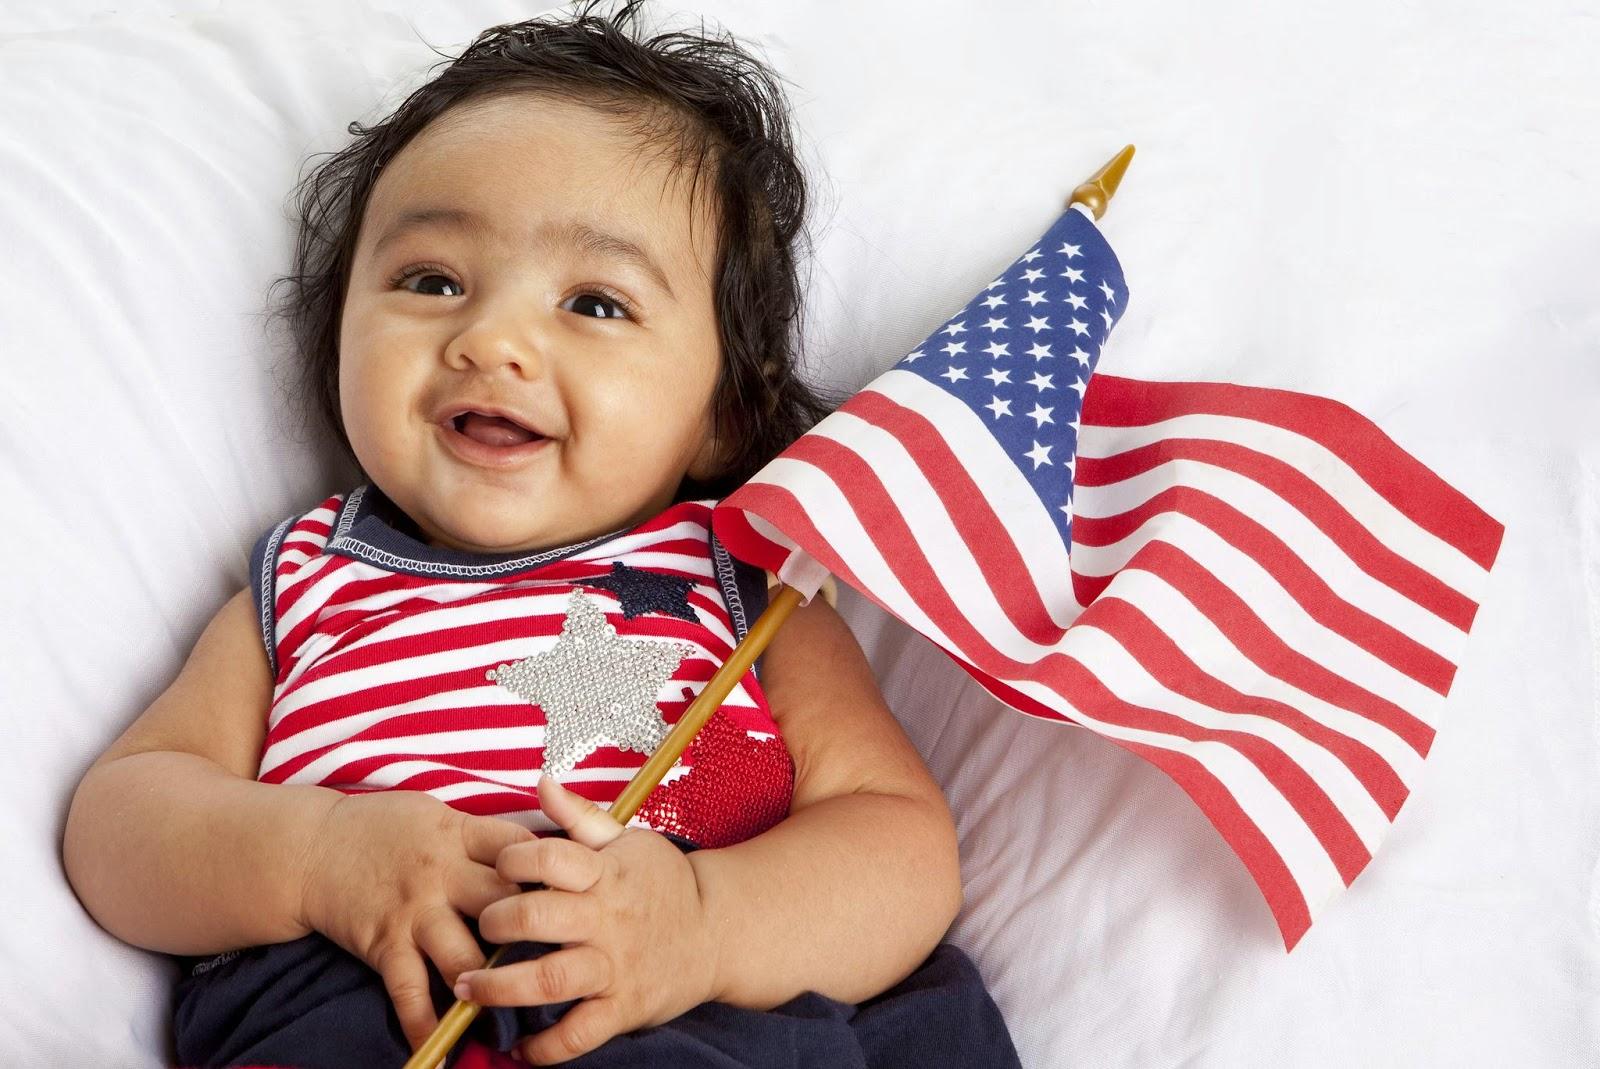 Не выйдет прекратить родильный туризм, не отменив поправку Конституции. Фото ttabla.blogspot.com